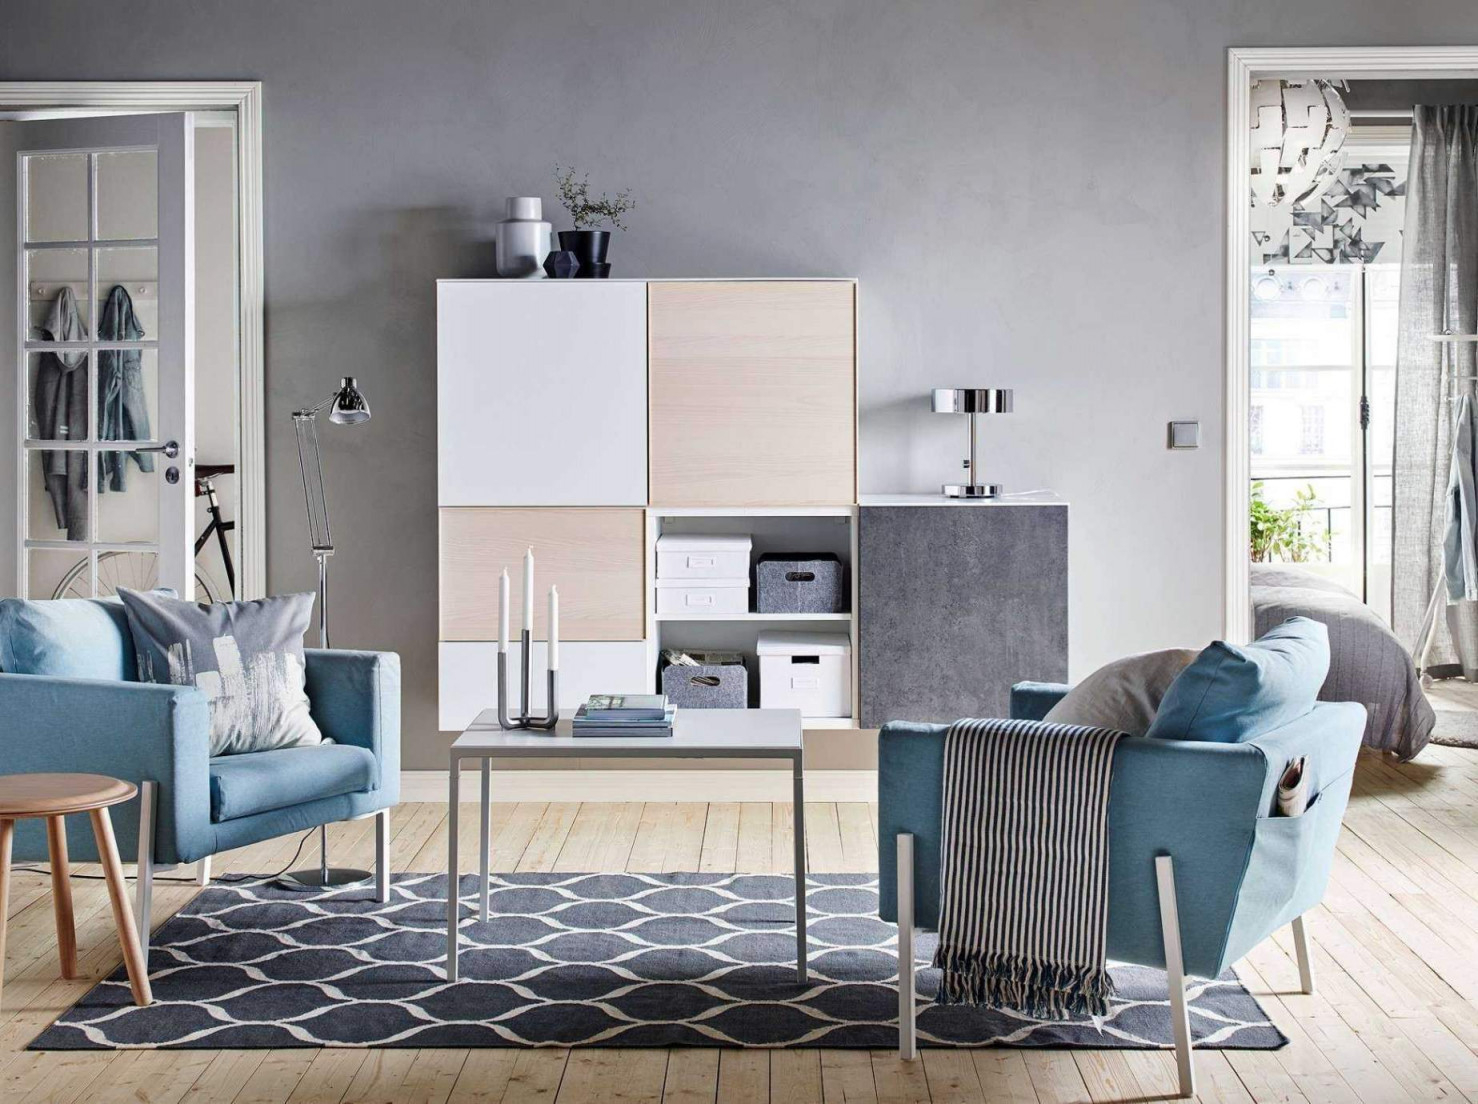 28 Luxus Kleines Wohnzimmer Optimal Einrichten Genial von Kleines Wohnzimmer Optimal Einrichten Bild